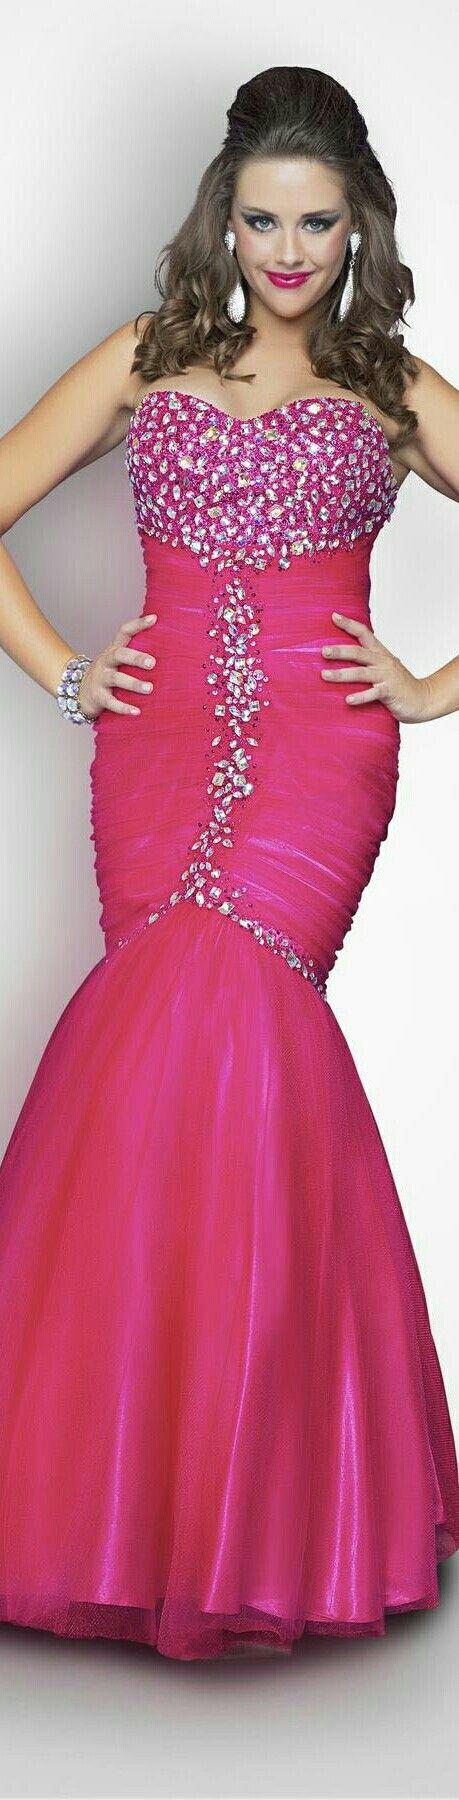 Único Prom Dresses Resale Ideas Ornamento Elaboración Festooning ...